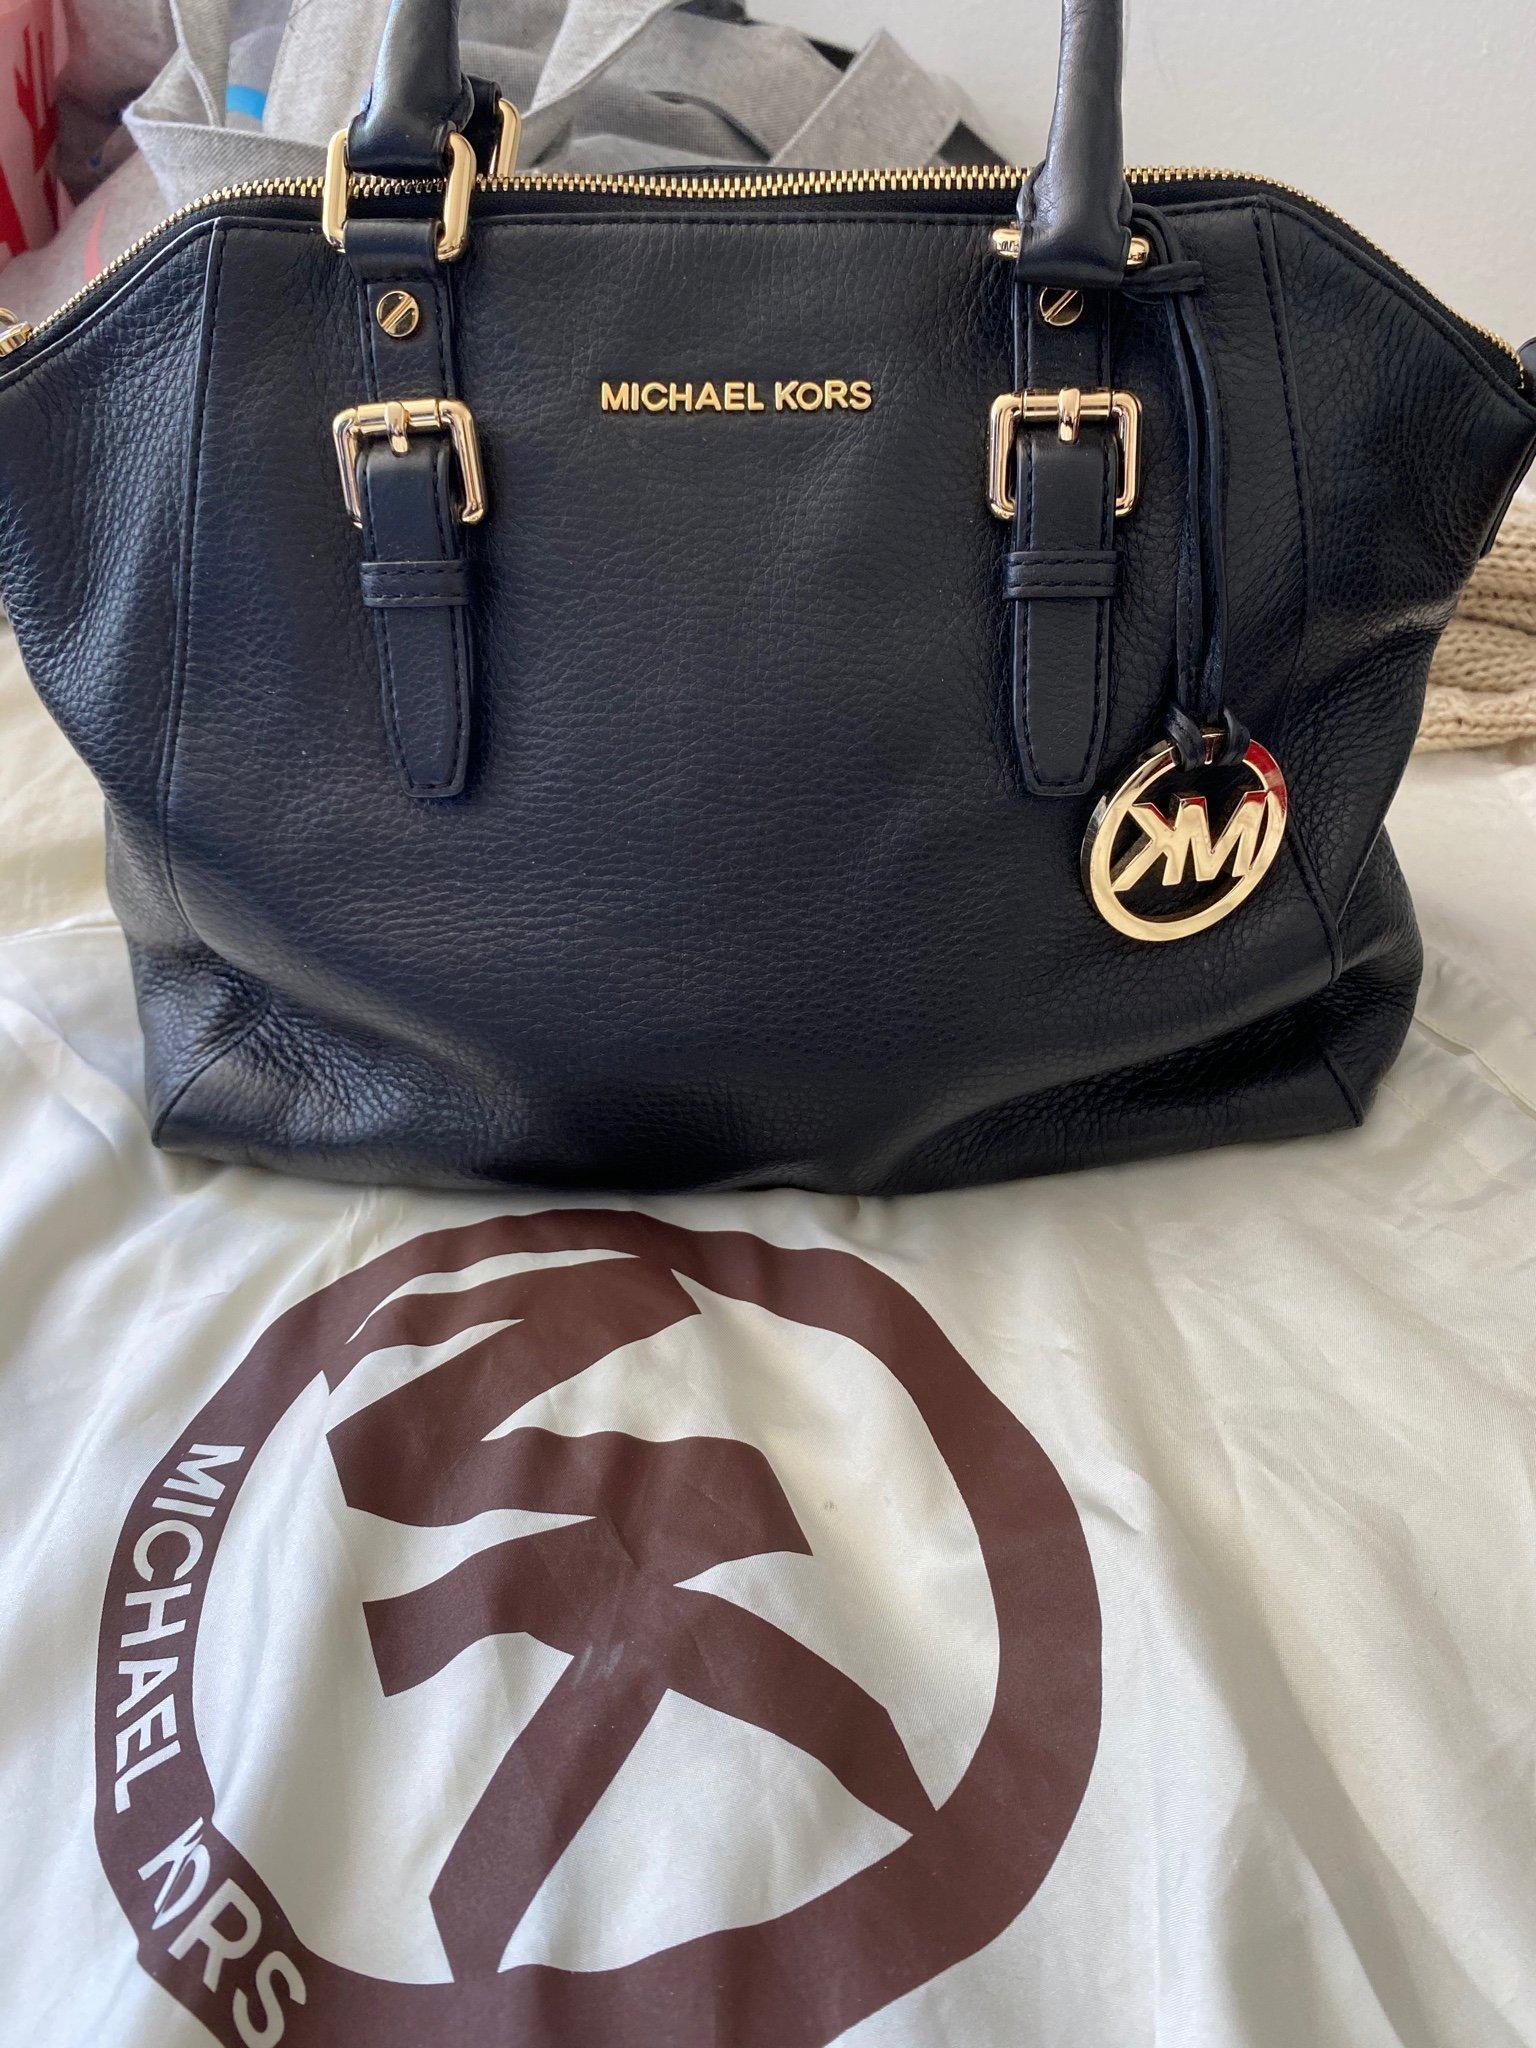 Äkta Michael Kors väska i svart läder MK påse tillkommer